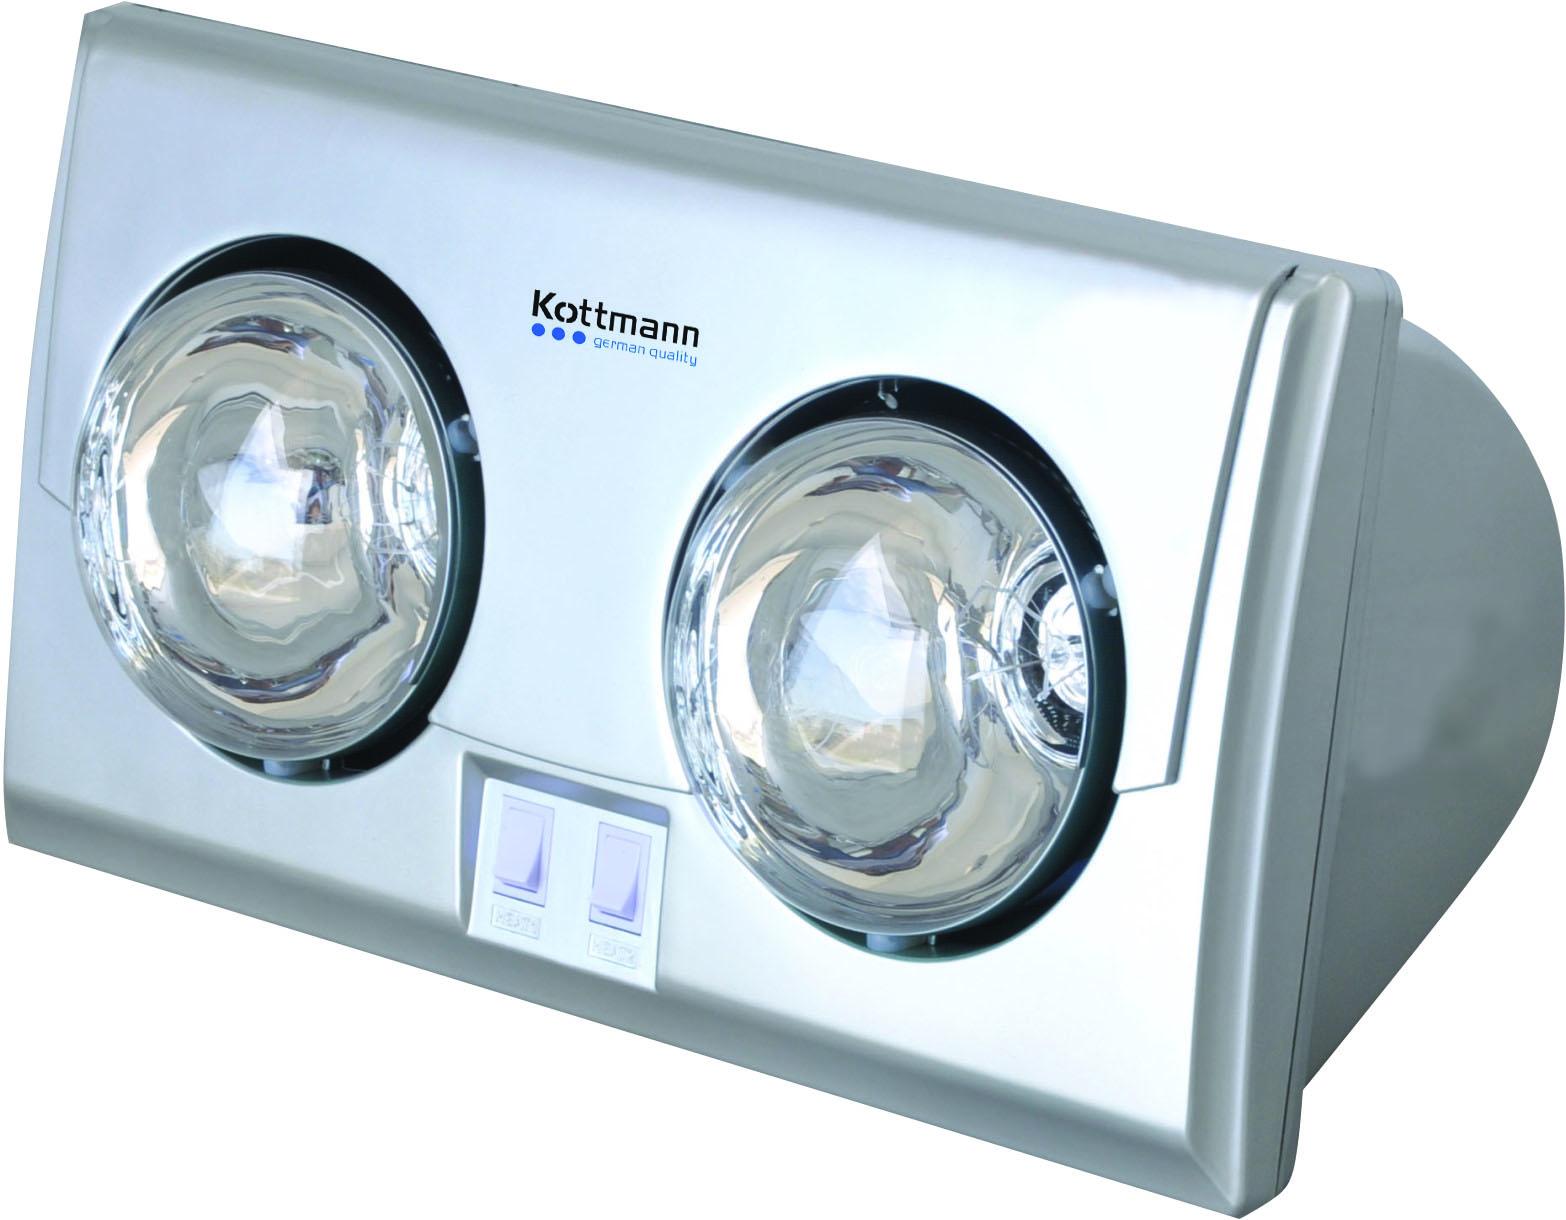 Đèn sưởi nhà tắm 2 bóng bạc Kottman (K2BS)